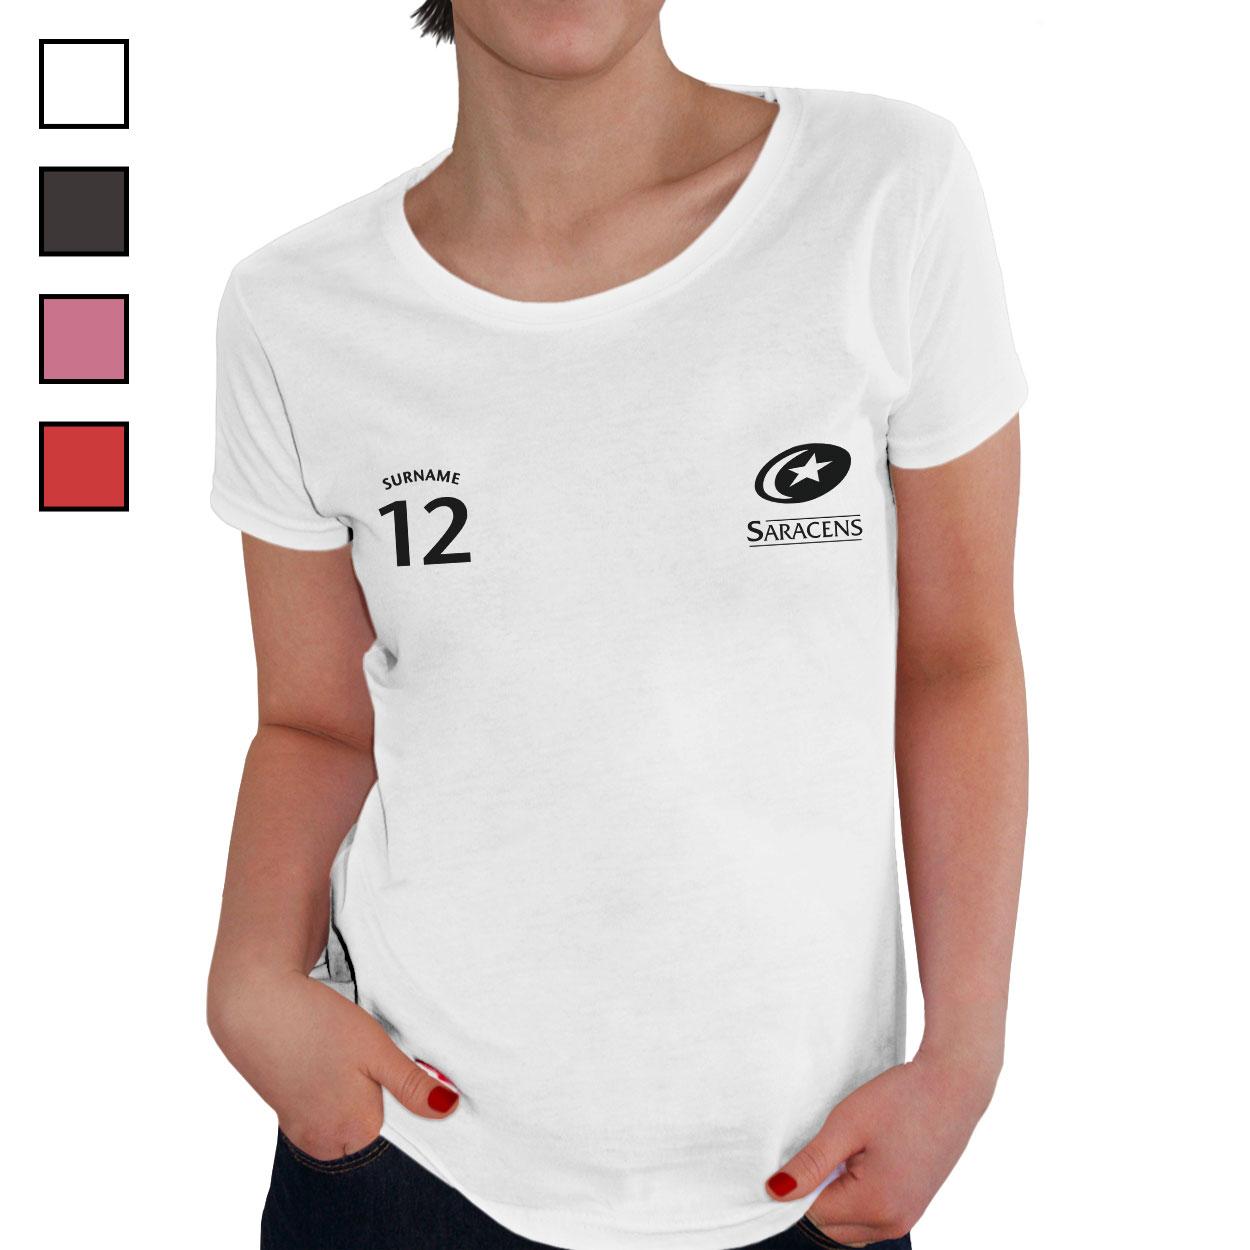 Saracens Ladies Sports T-Shirt